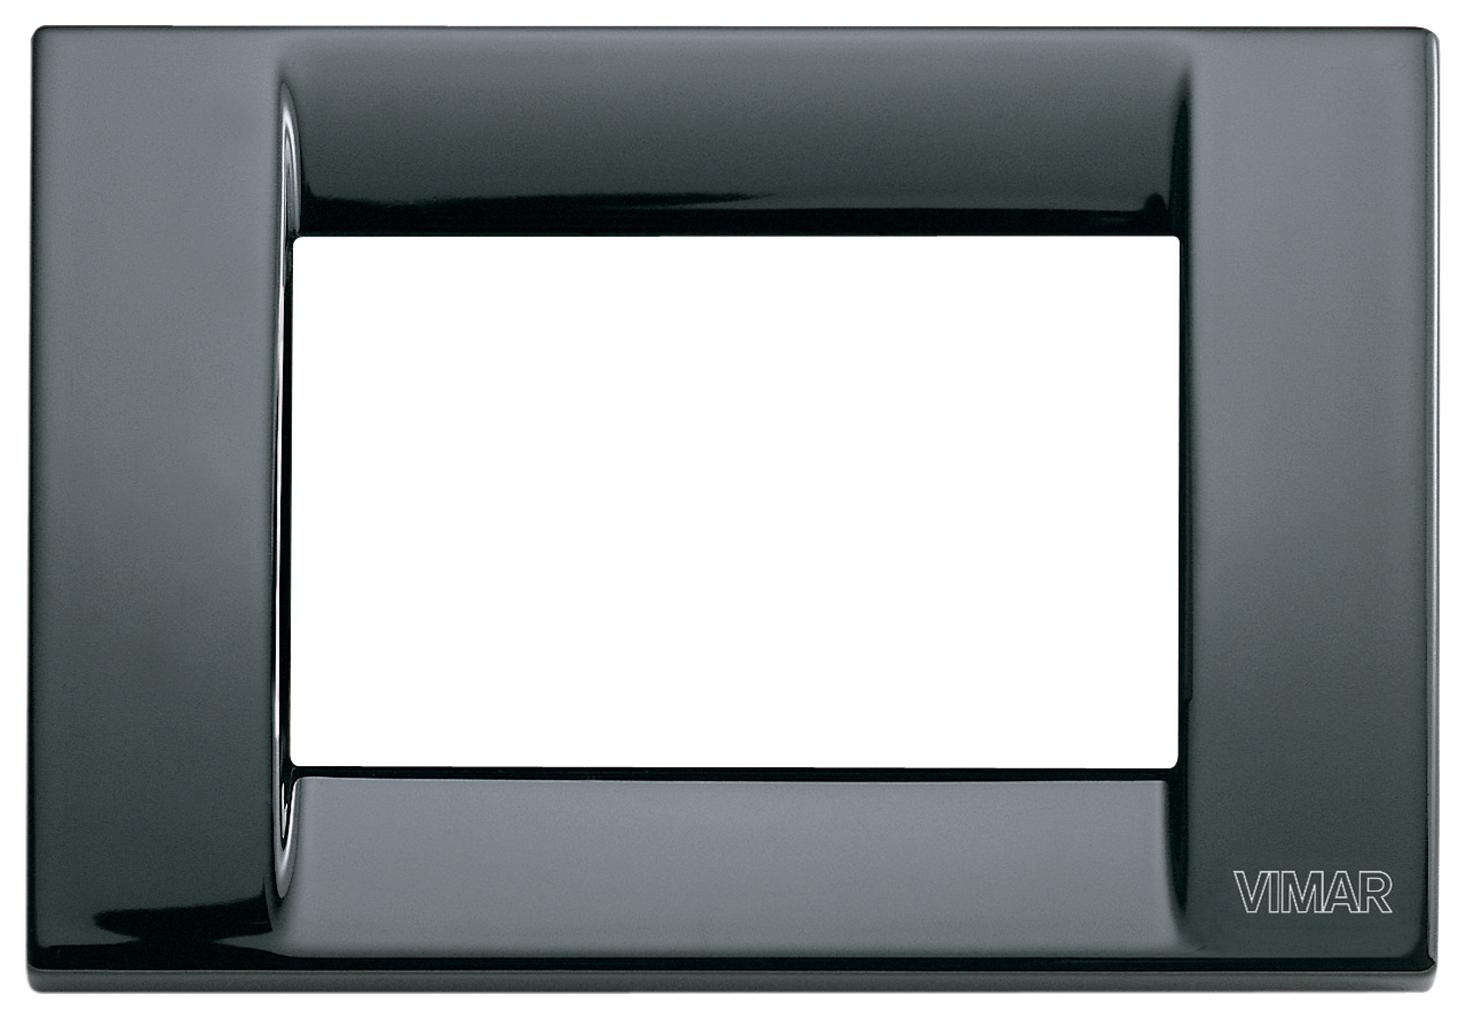 Vimar serie idea Placa classica 3 m/ódulo plastico negro